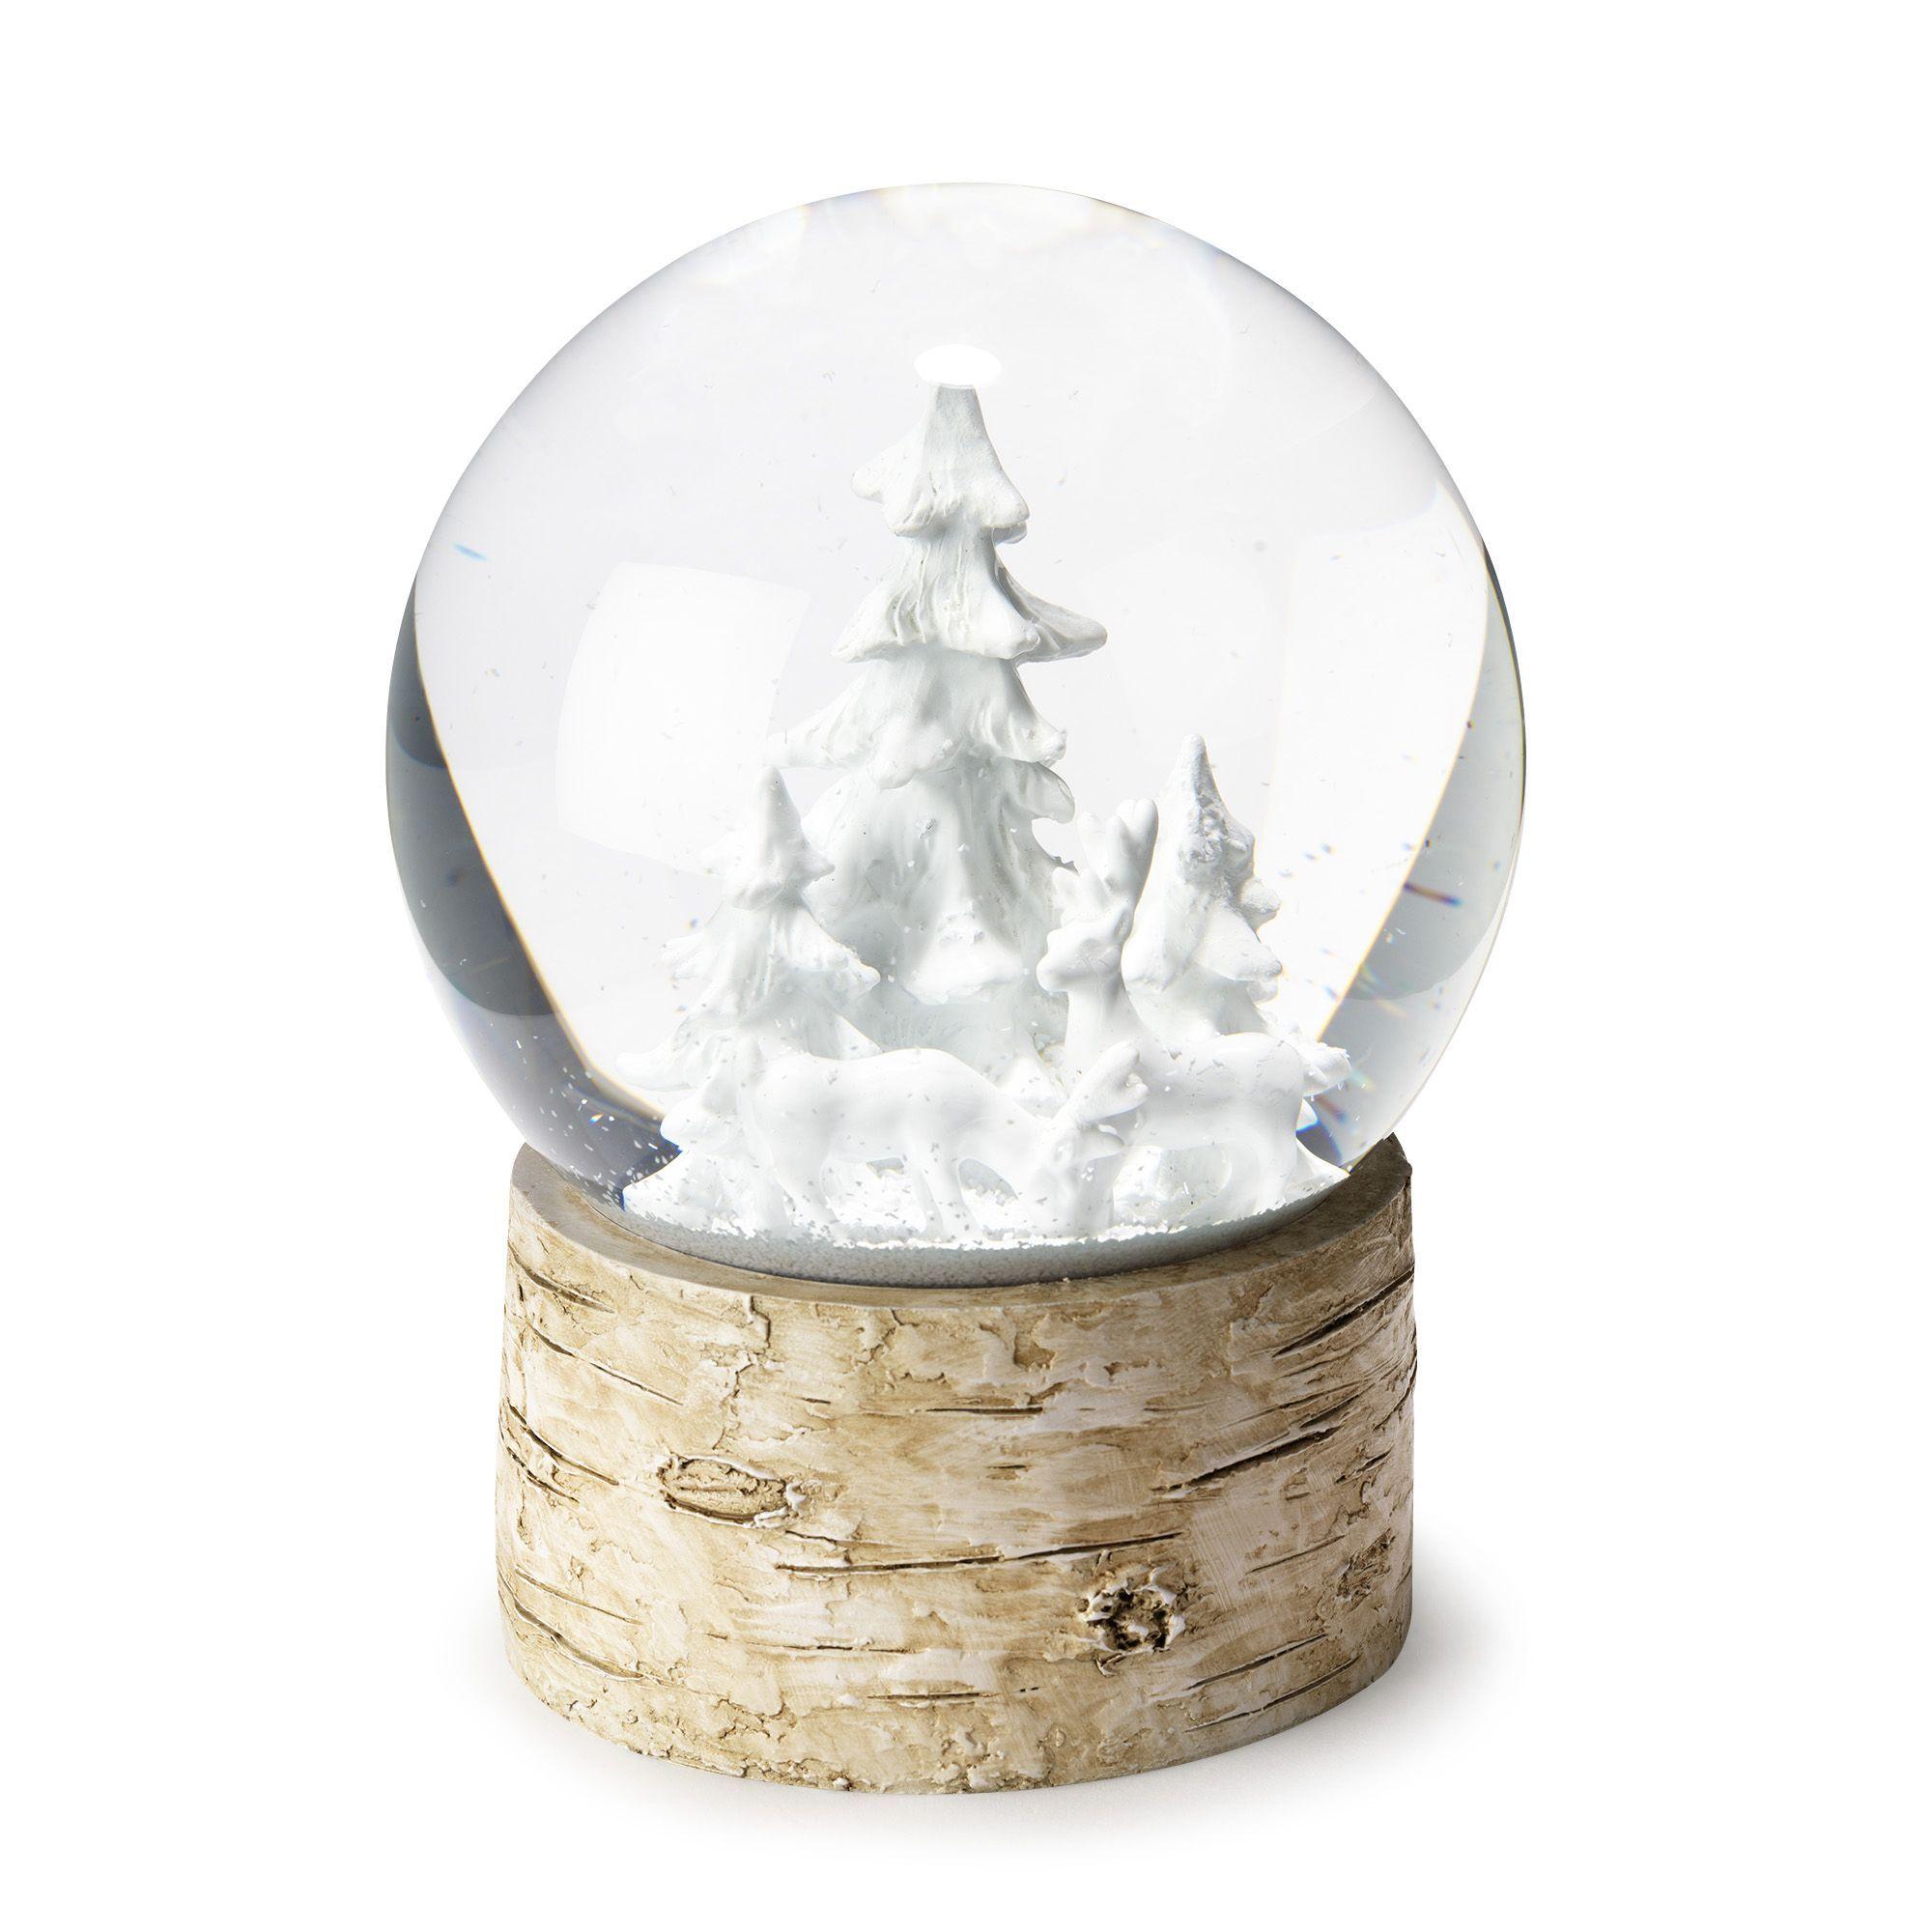 boule neige noel d coration de noel pinterest alin a boule et d co salon. Black Bedroom Furniture Sets. Home Design Ideas